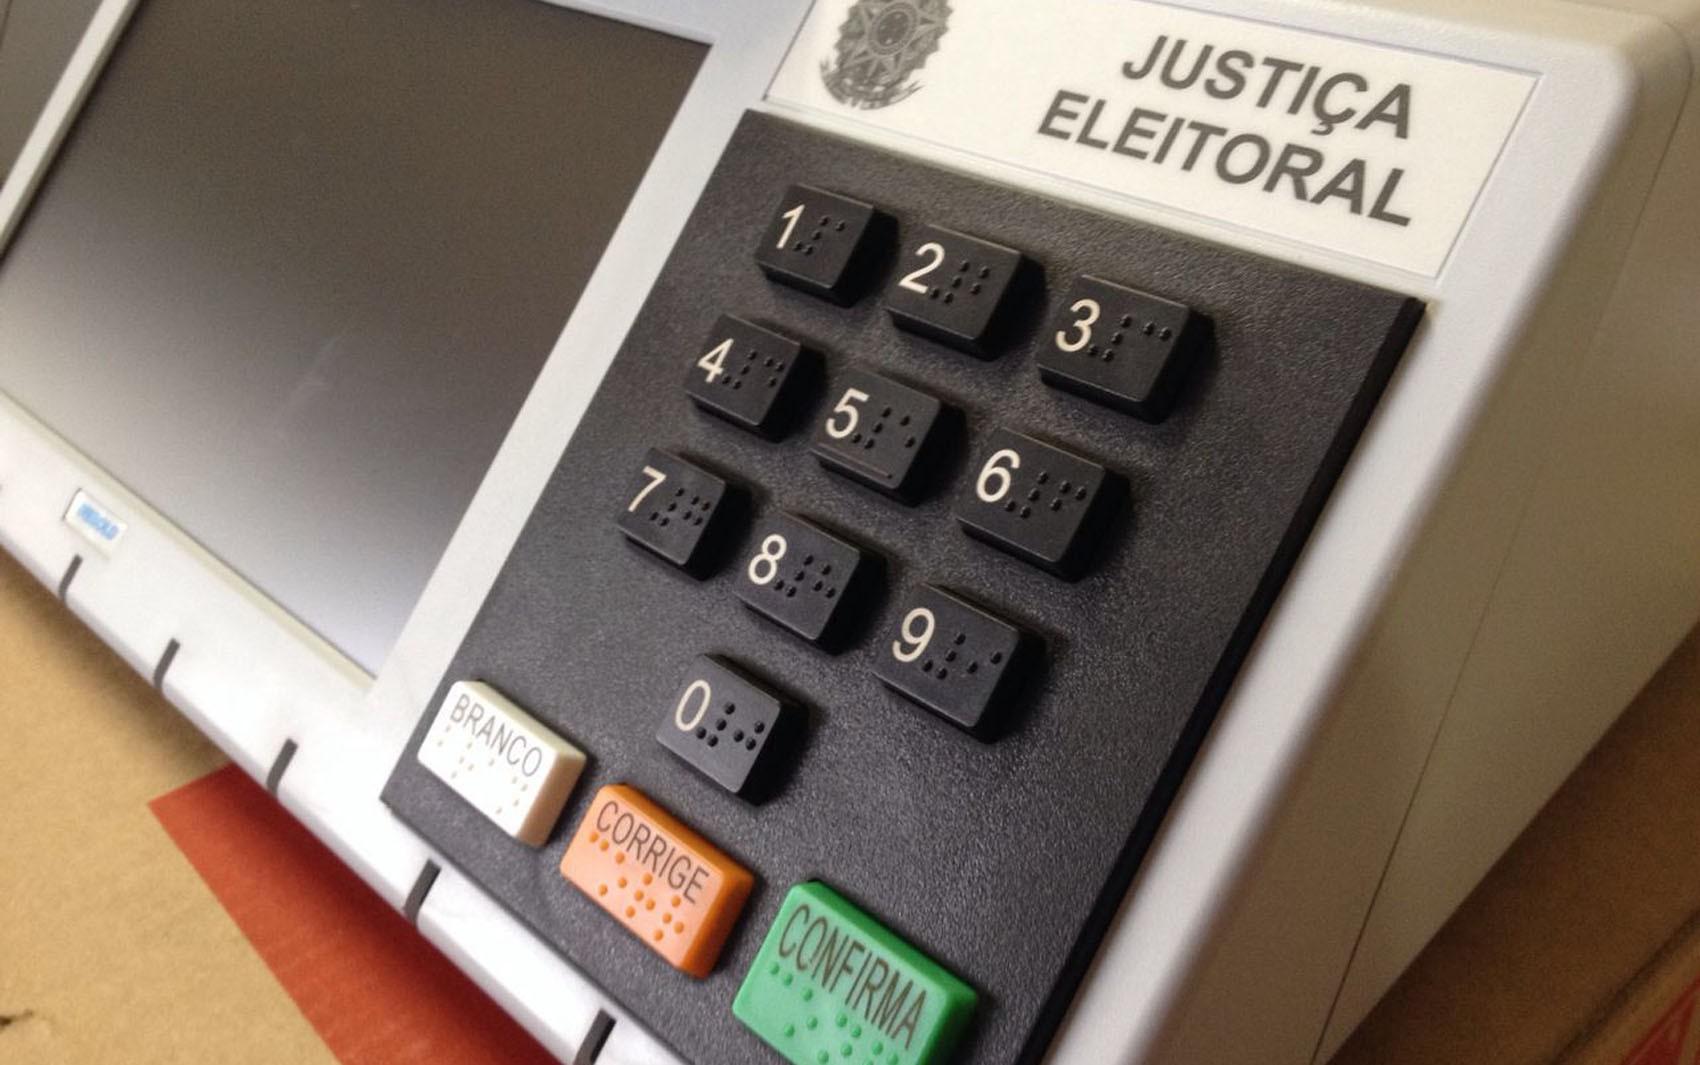 Candidatos a prefeito de Nova Serrana nas eleições 2020: veja quem são